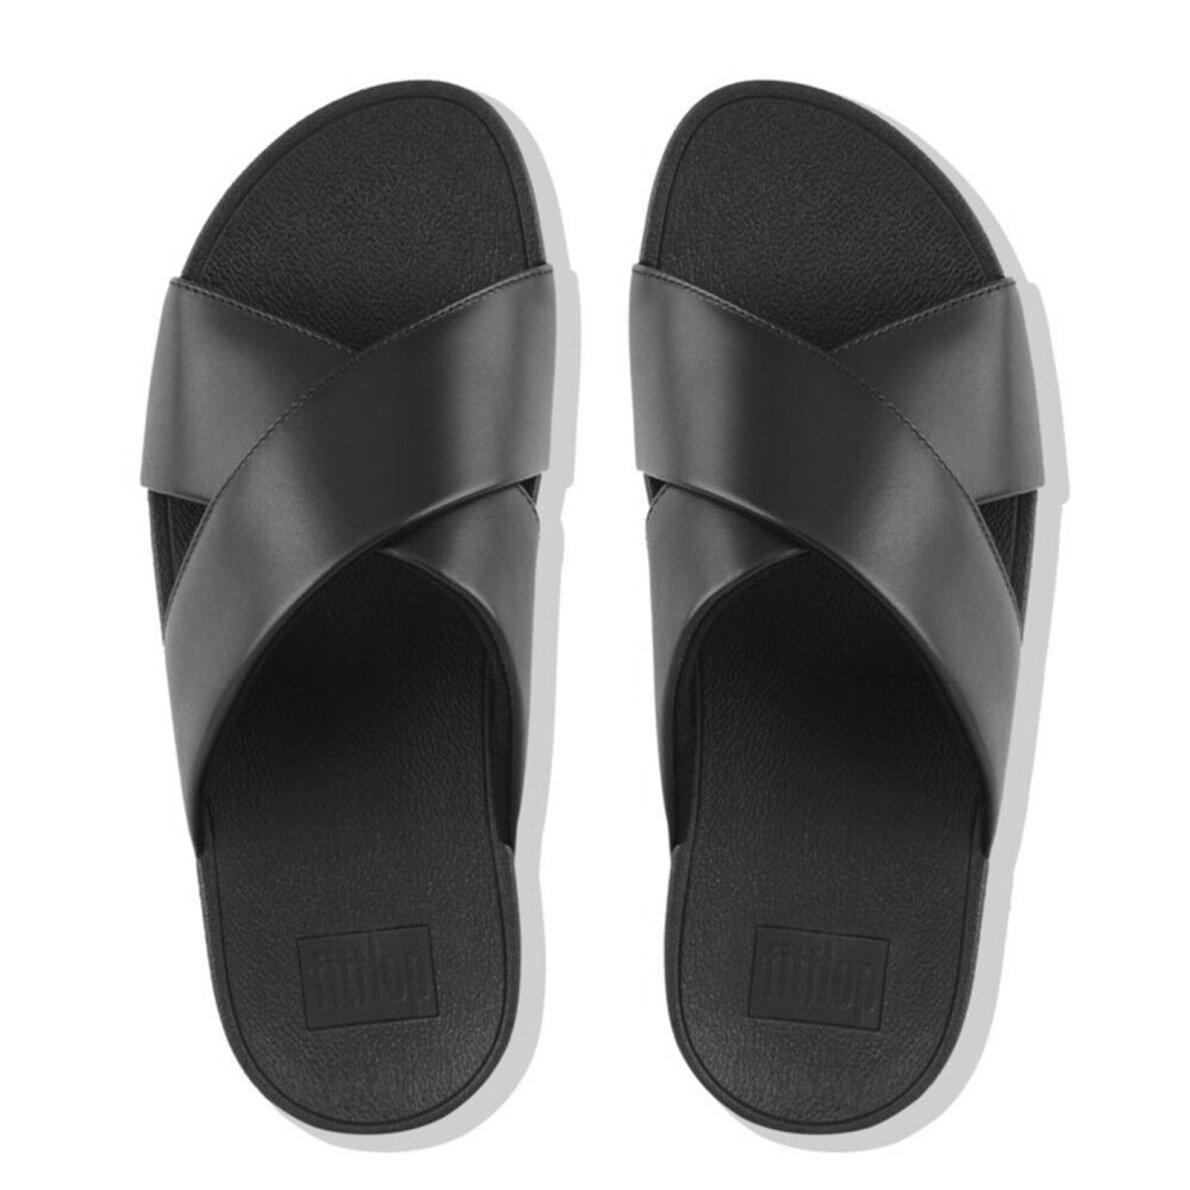 214fef445288 ... Fitflop - Fitflop Lulu Cross K04-001 Slip-In Sandal ...